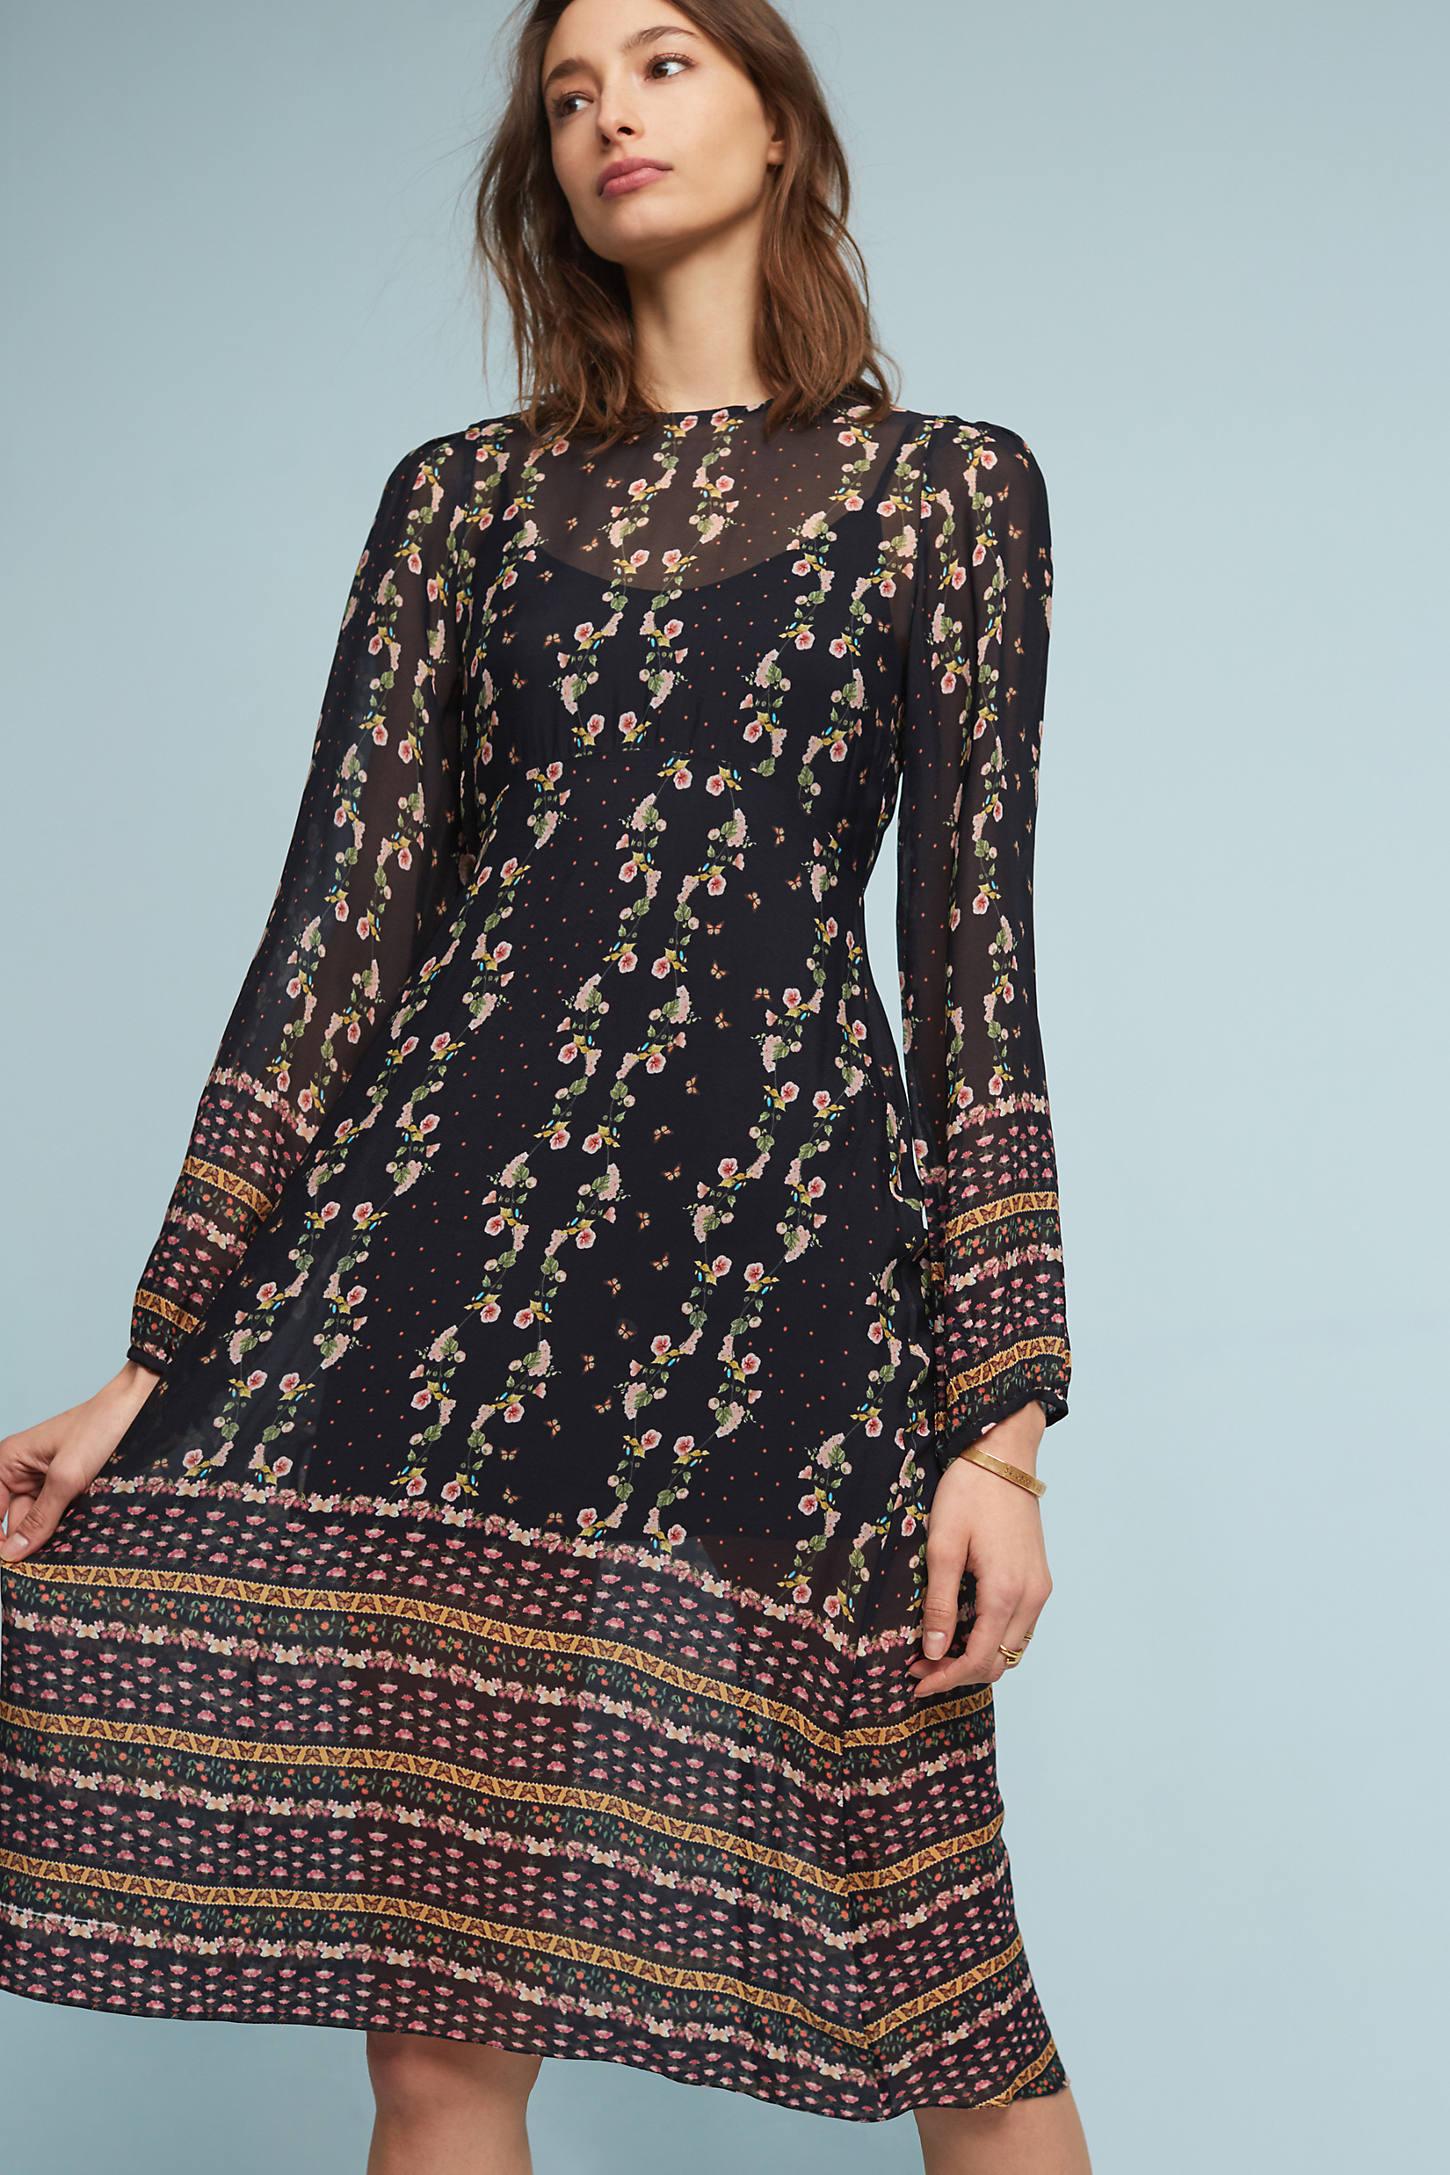 Ellie Midi Dress